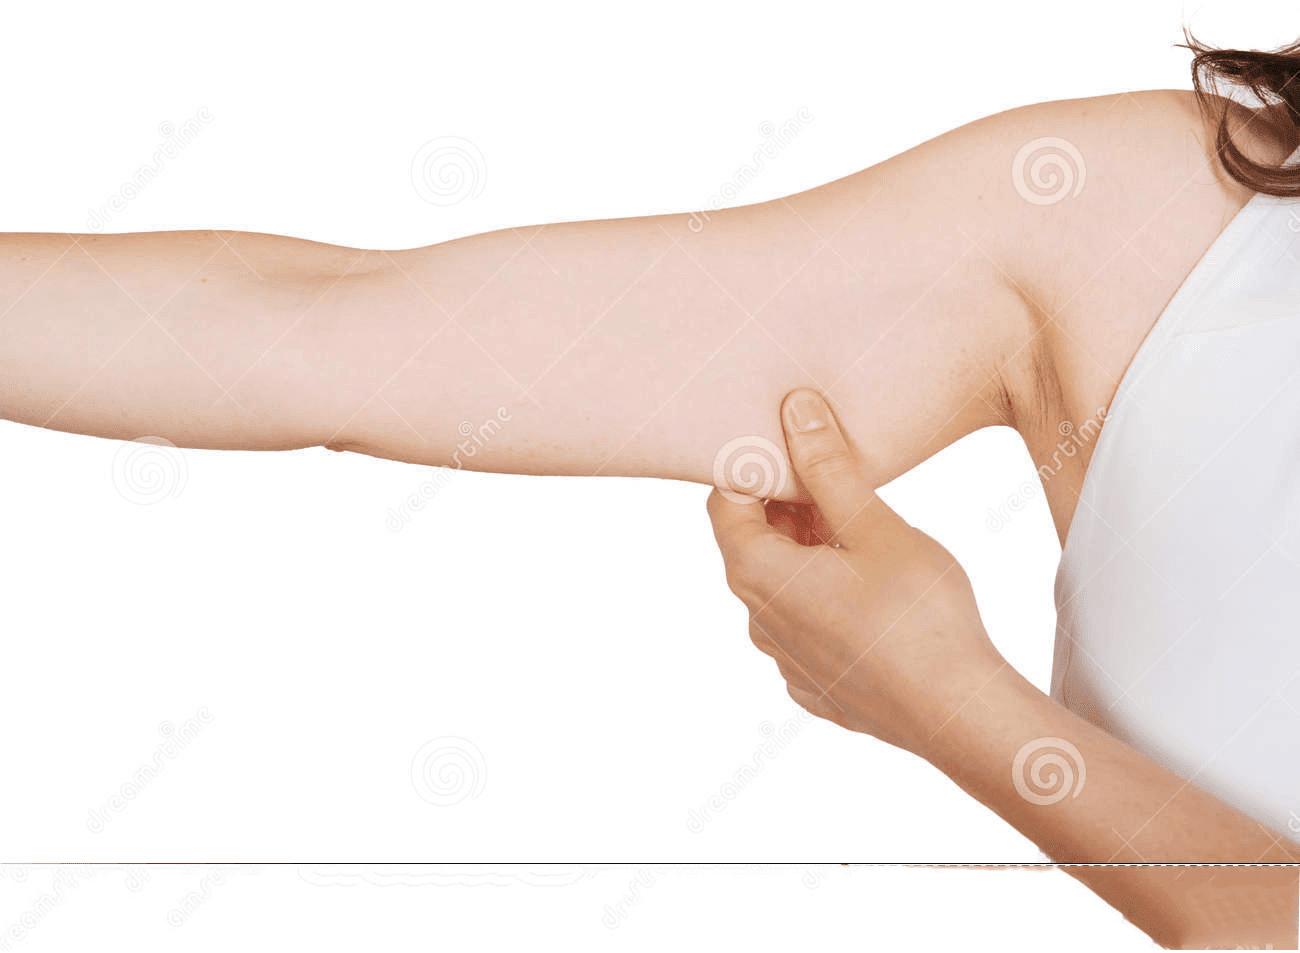 وصفة طبيعية للتخلص من ترهلات اليدين